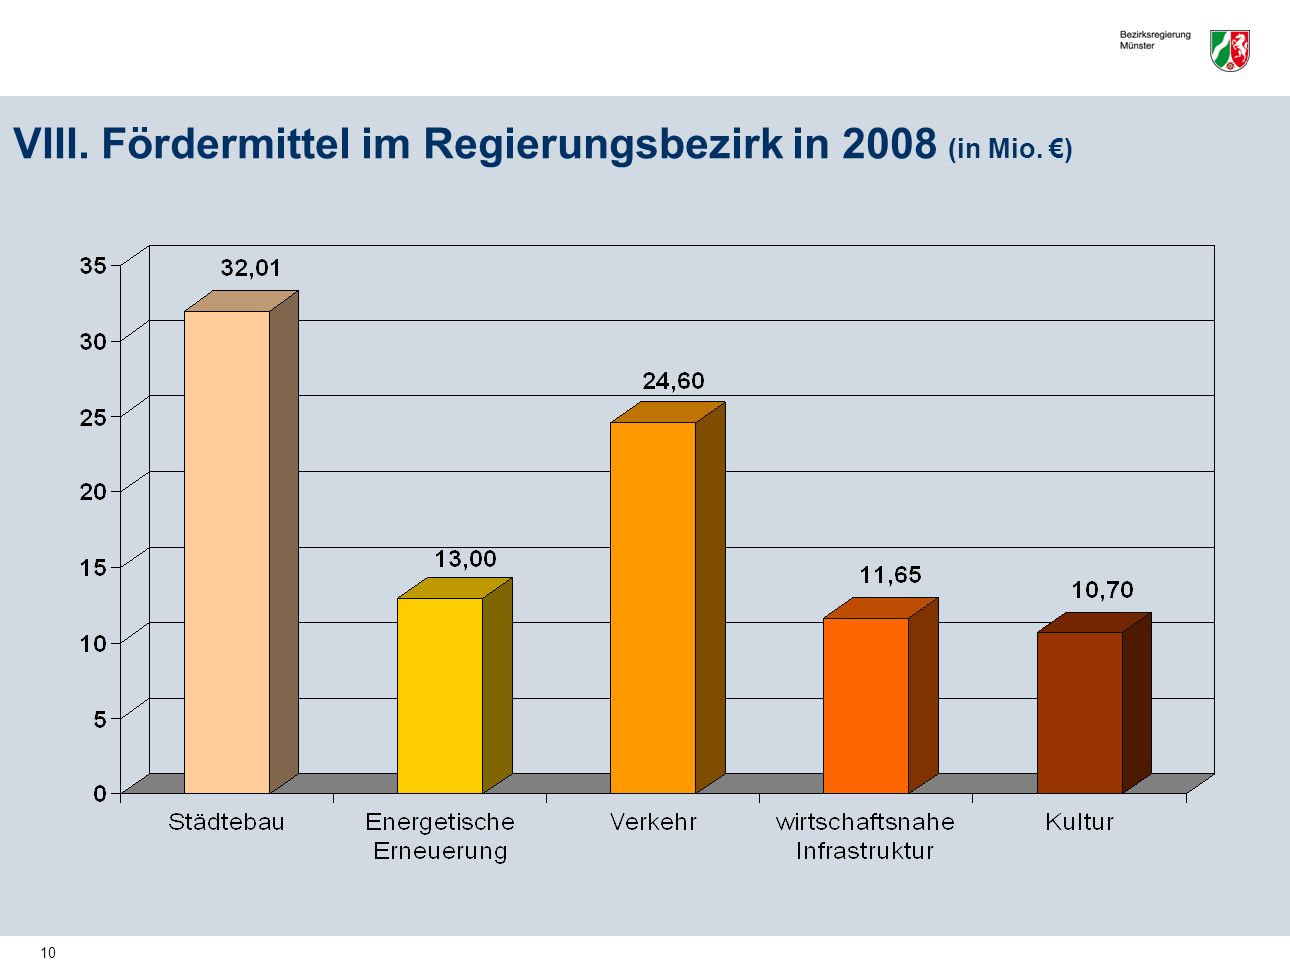 VIII. Fördermittel im Regierungsbezirk in 2008 (in Mio. €)